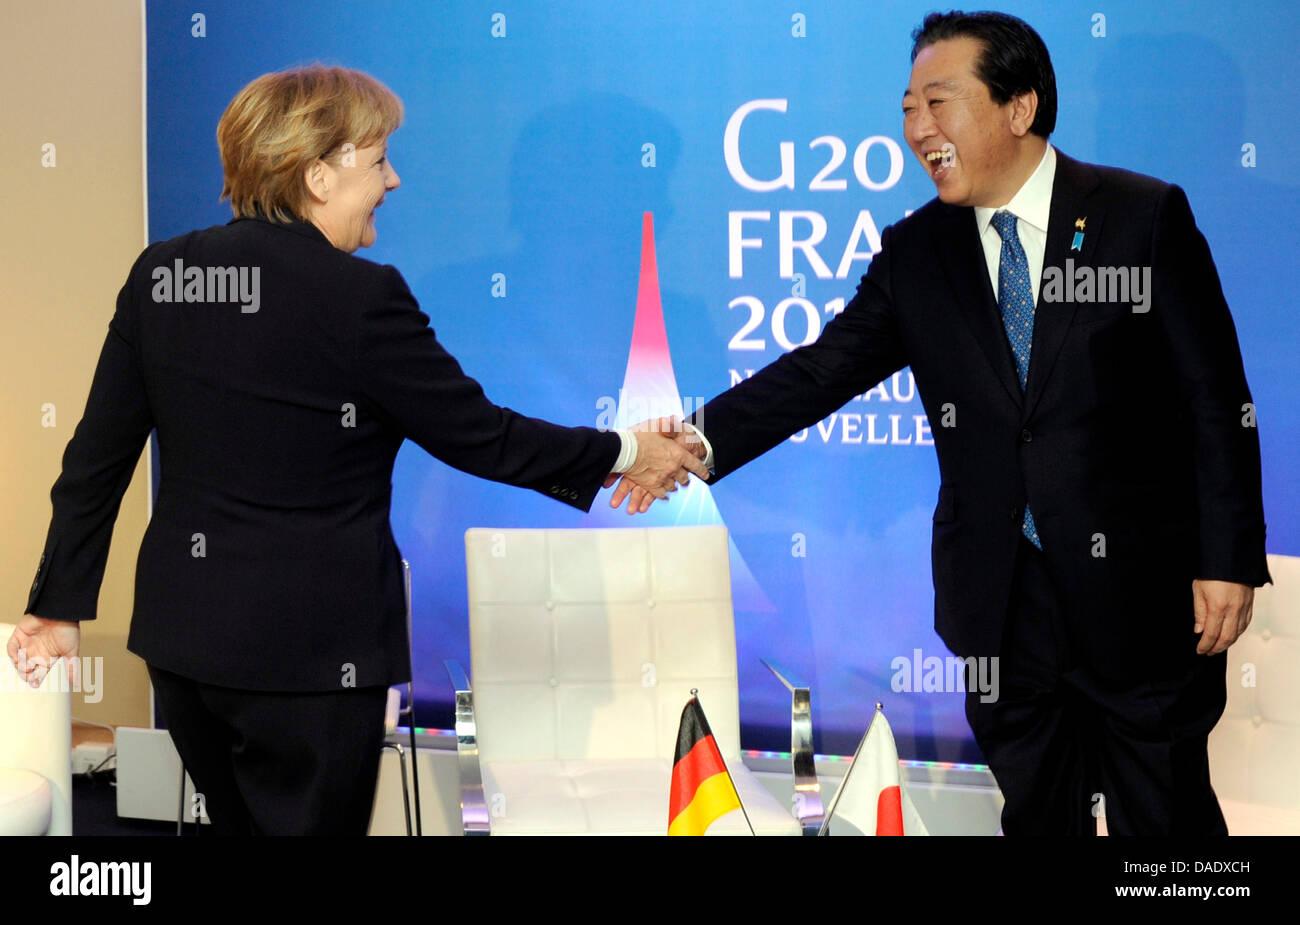 Bundeskanzlerin Angela Merkel (CDU) und Japans Premierminister Yoshihiko Noda begruessen sich am Freitag (04.11.11) - Stock Image